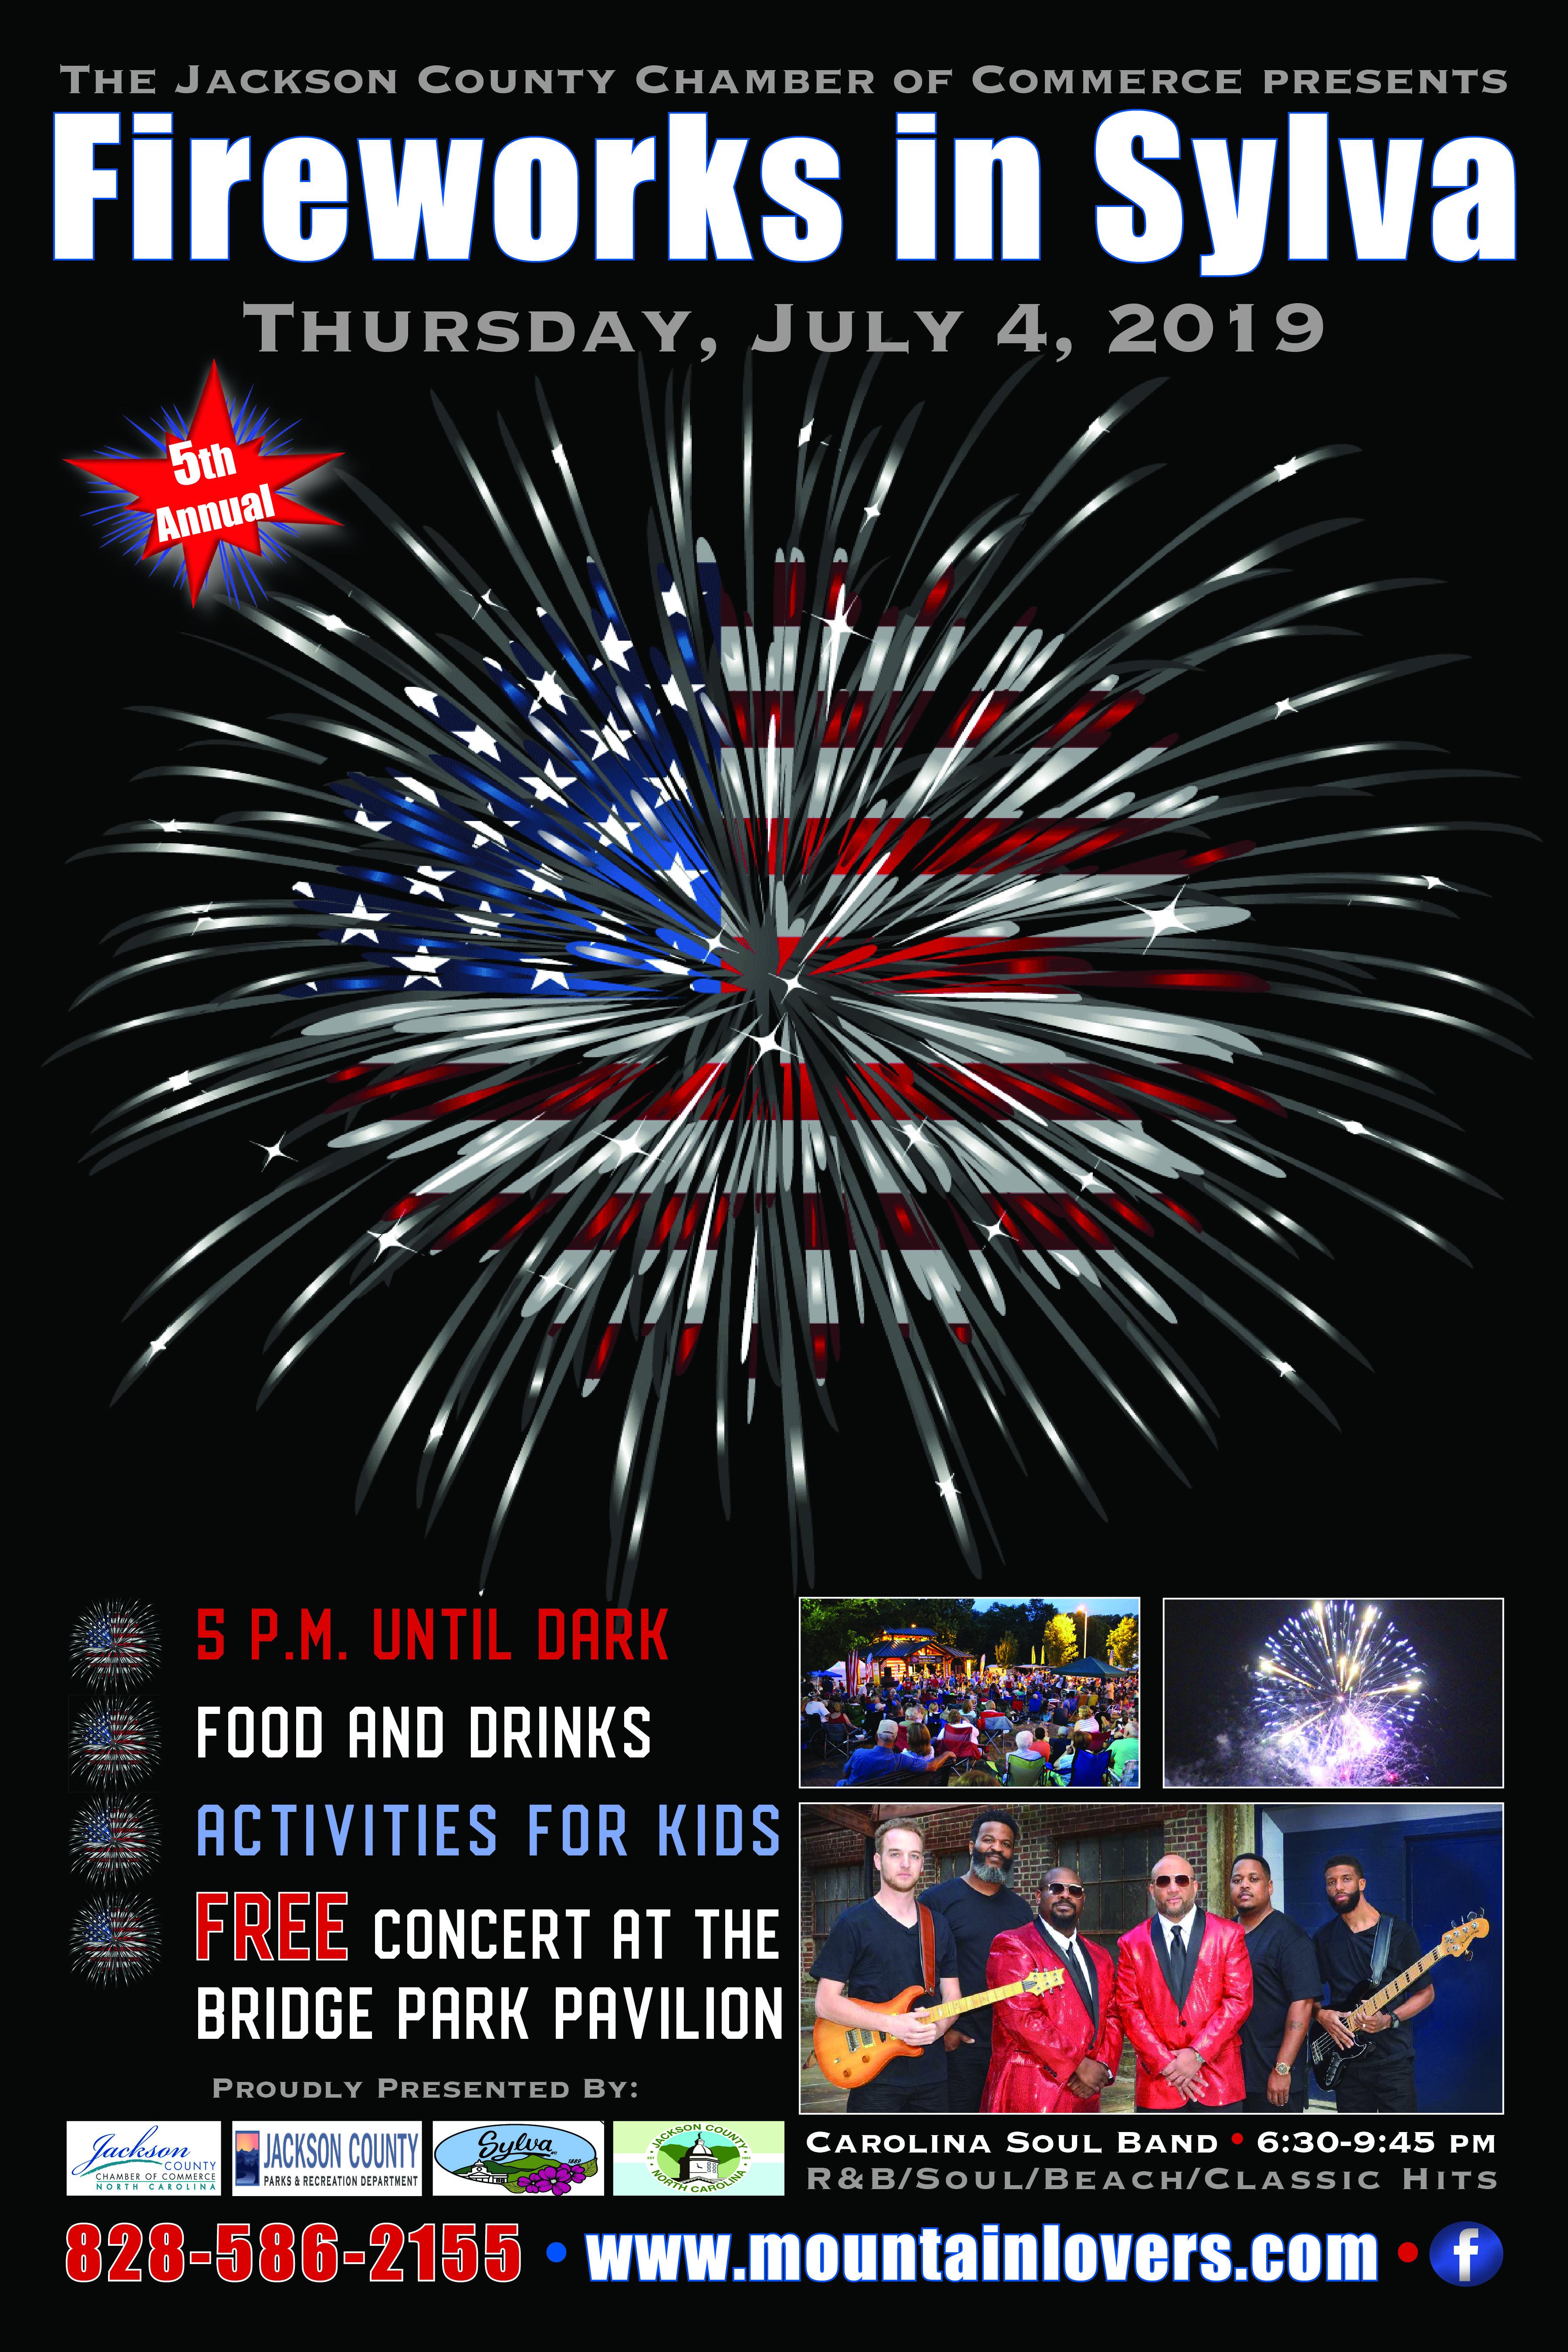 Fireworks2019PosterFINALwithBleeds.jpg